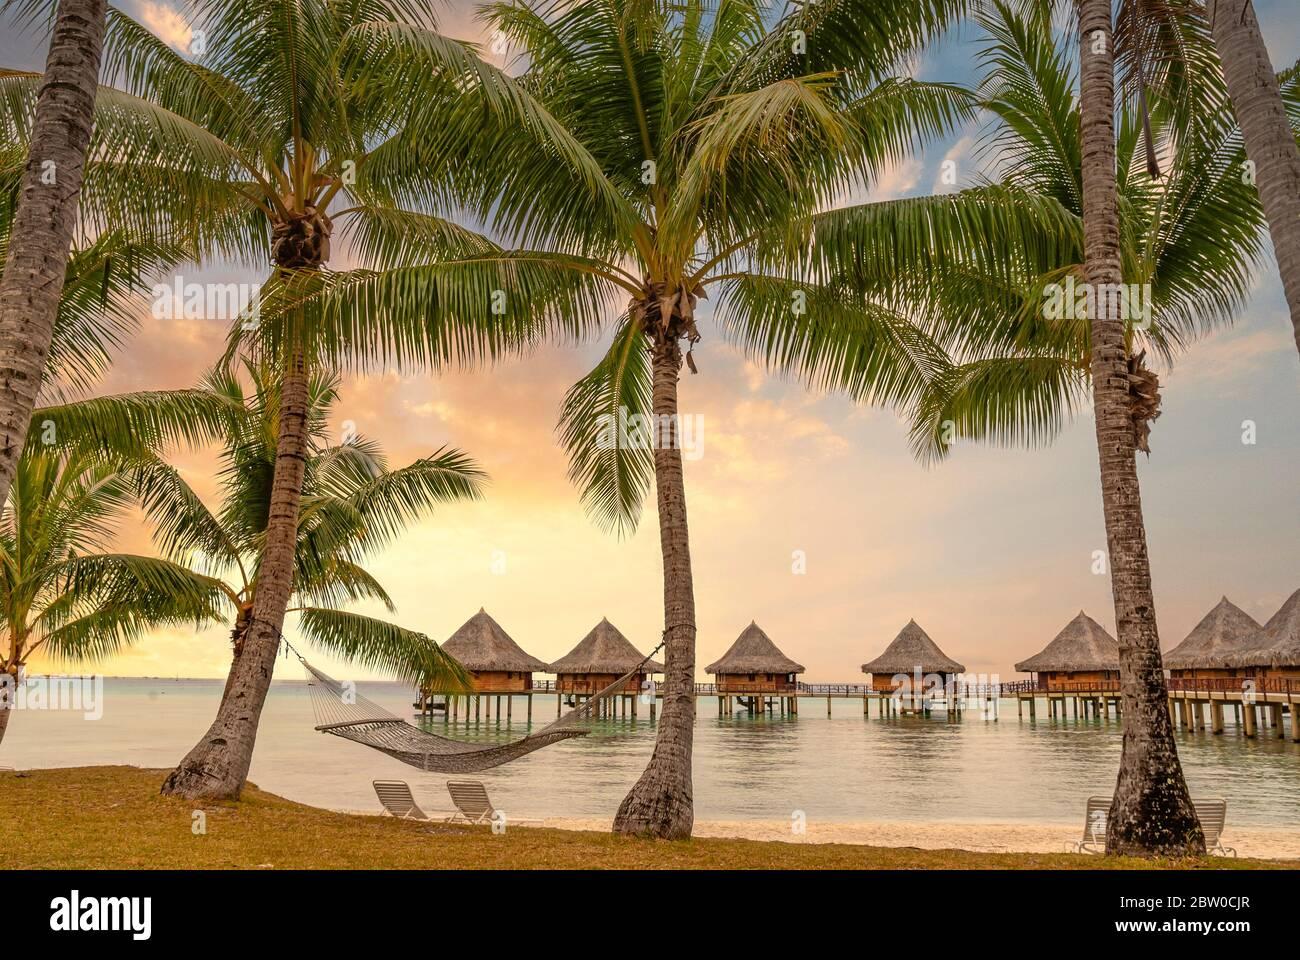 Complejo de playa en una laguna en la isla Tuamotu al atardecer, Polinesia Francesa Foto de stock